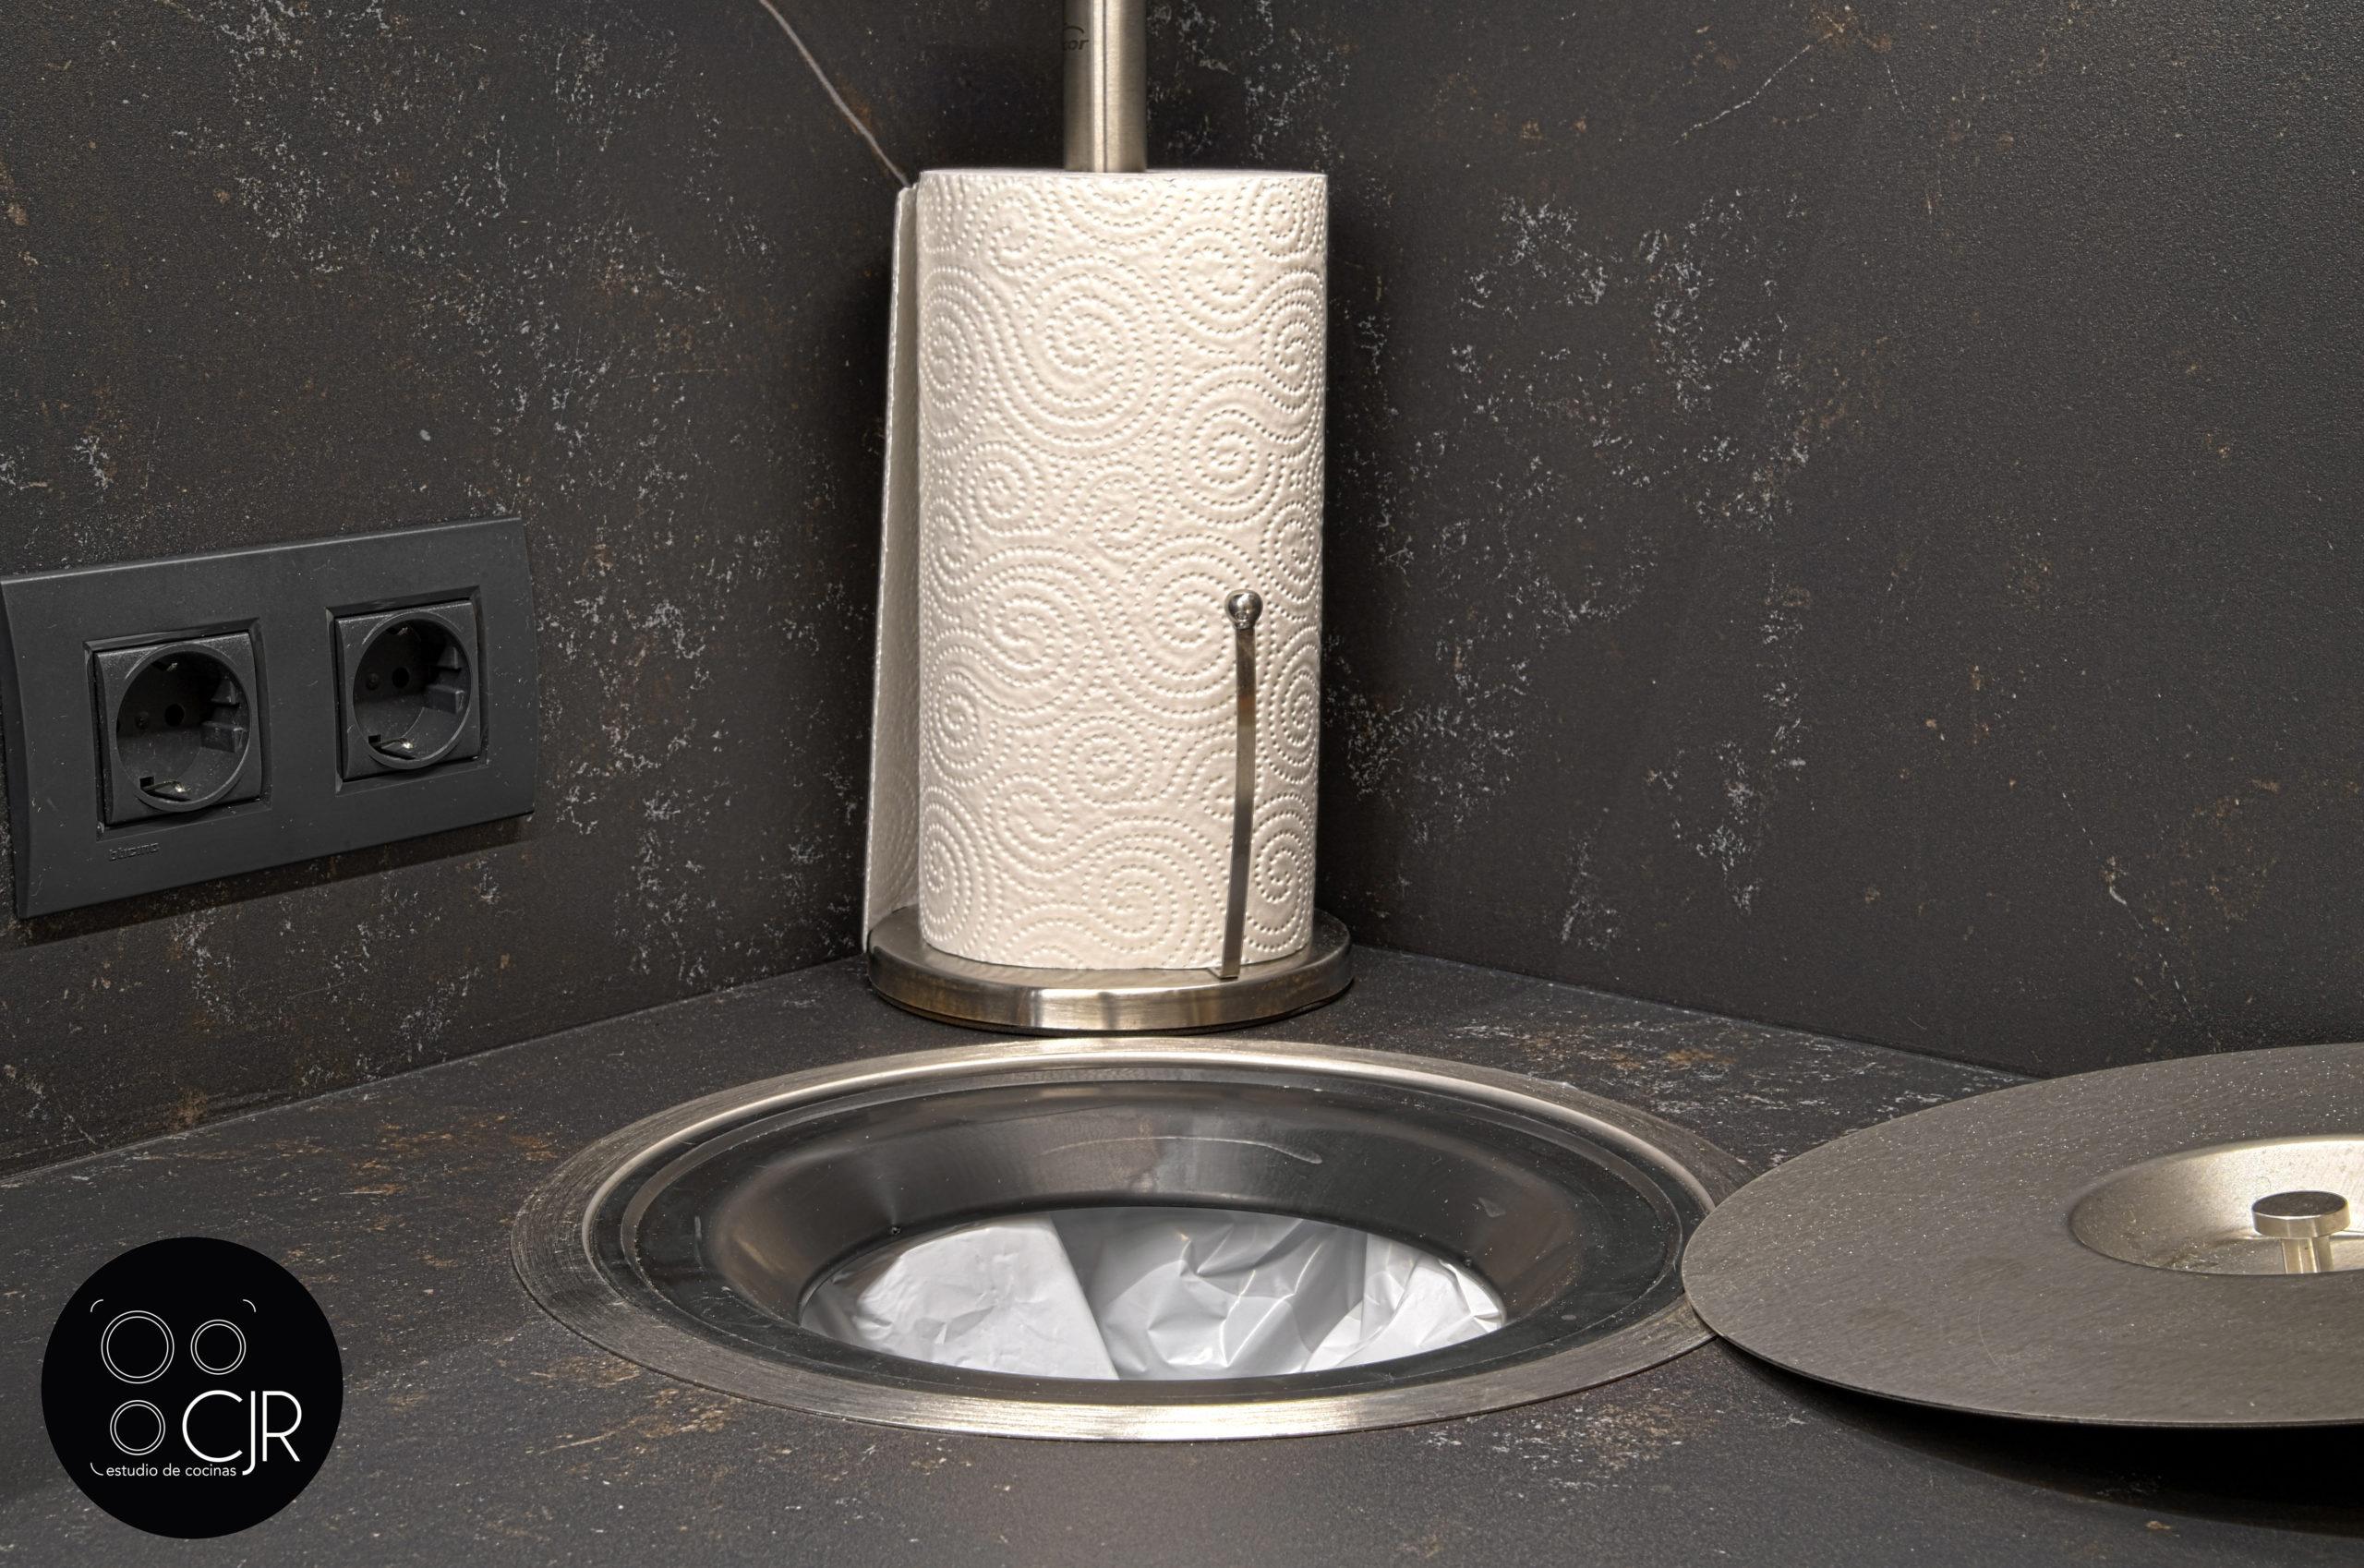 Zona de recogida de basura integrada con encimera en cocina moderna negra y madera